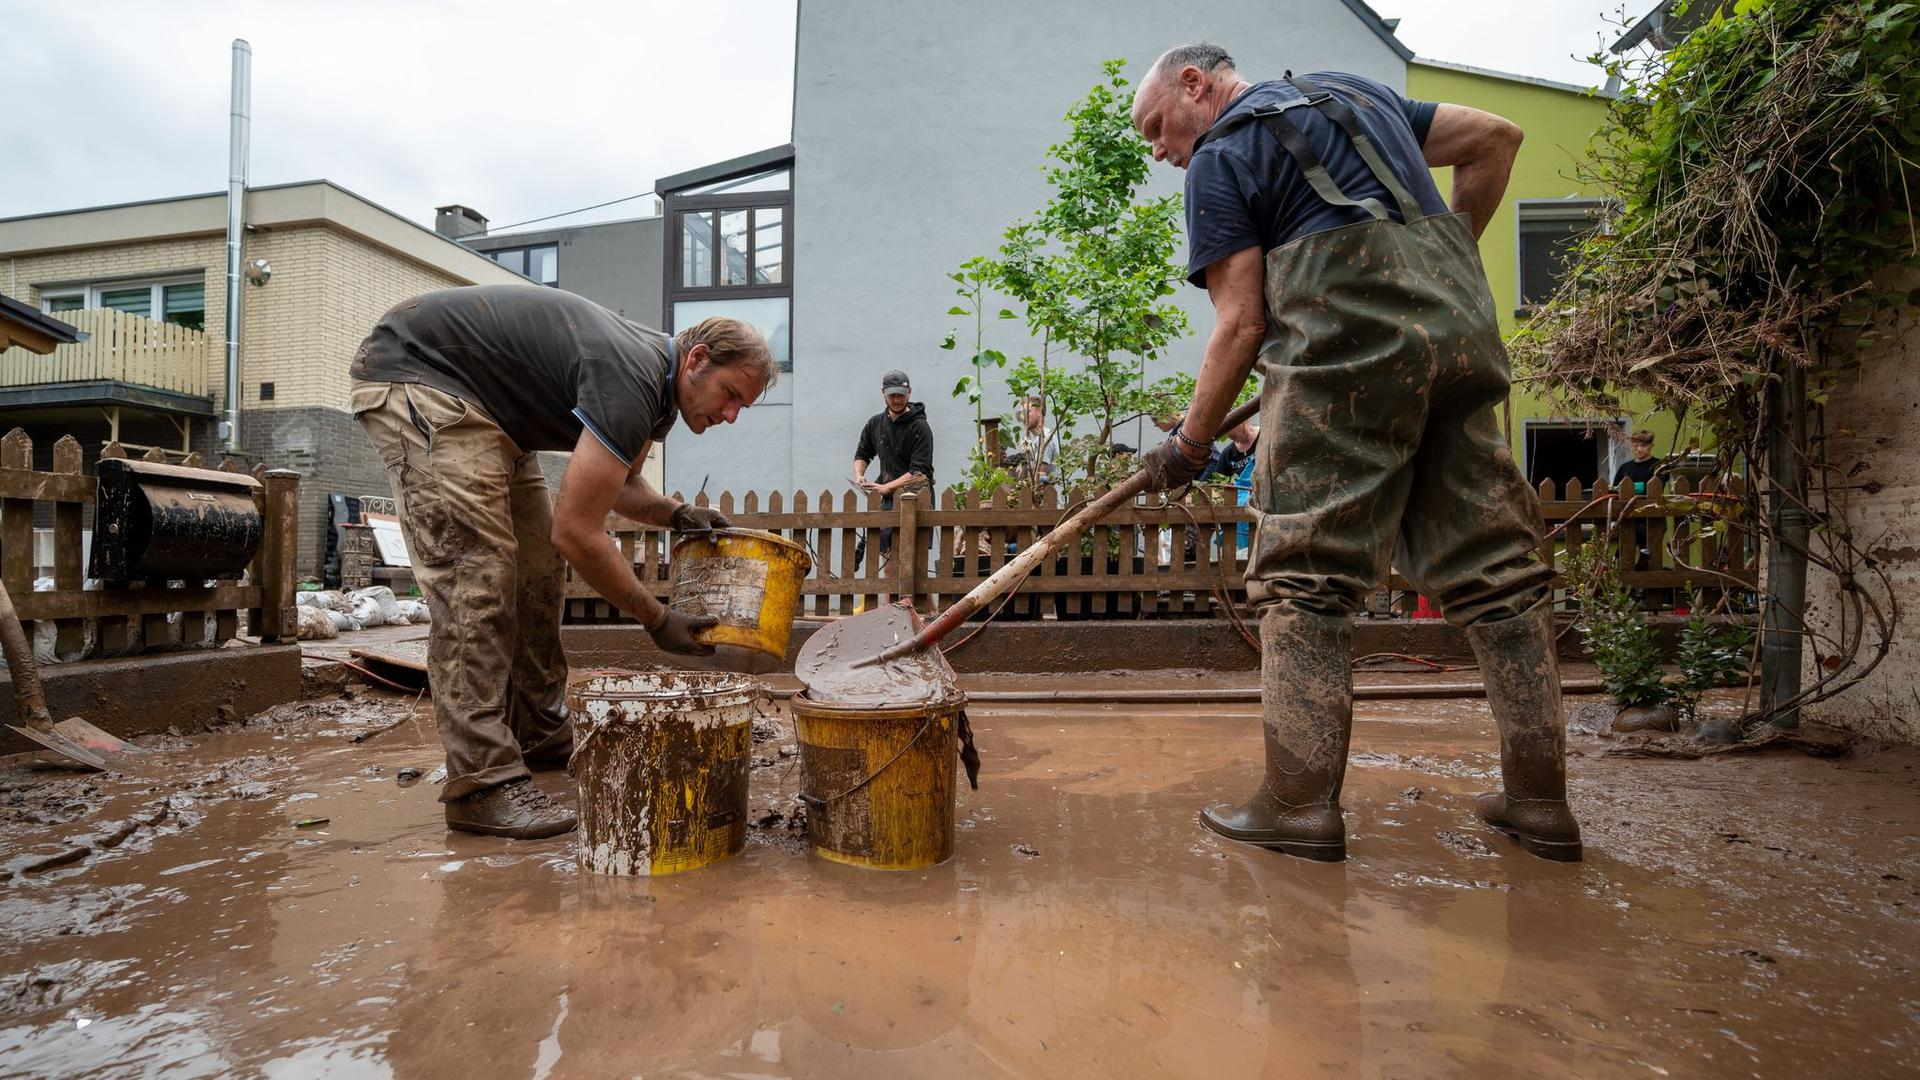 Mit Eimern entsorgen Anwohner die Schlammmassen nach dem Hochwasser der Kyll. Zahlreiche Häuser im Ort waren betroffen, Menschen mussten in Sicherheit gebracht werden.